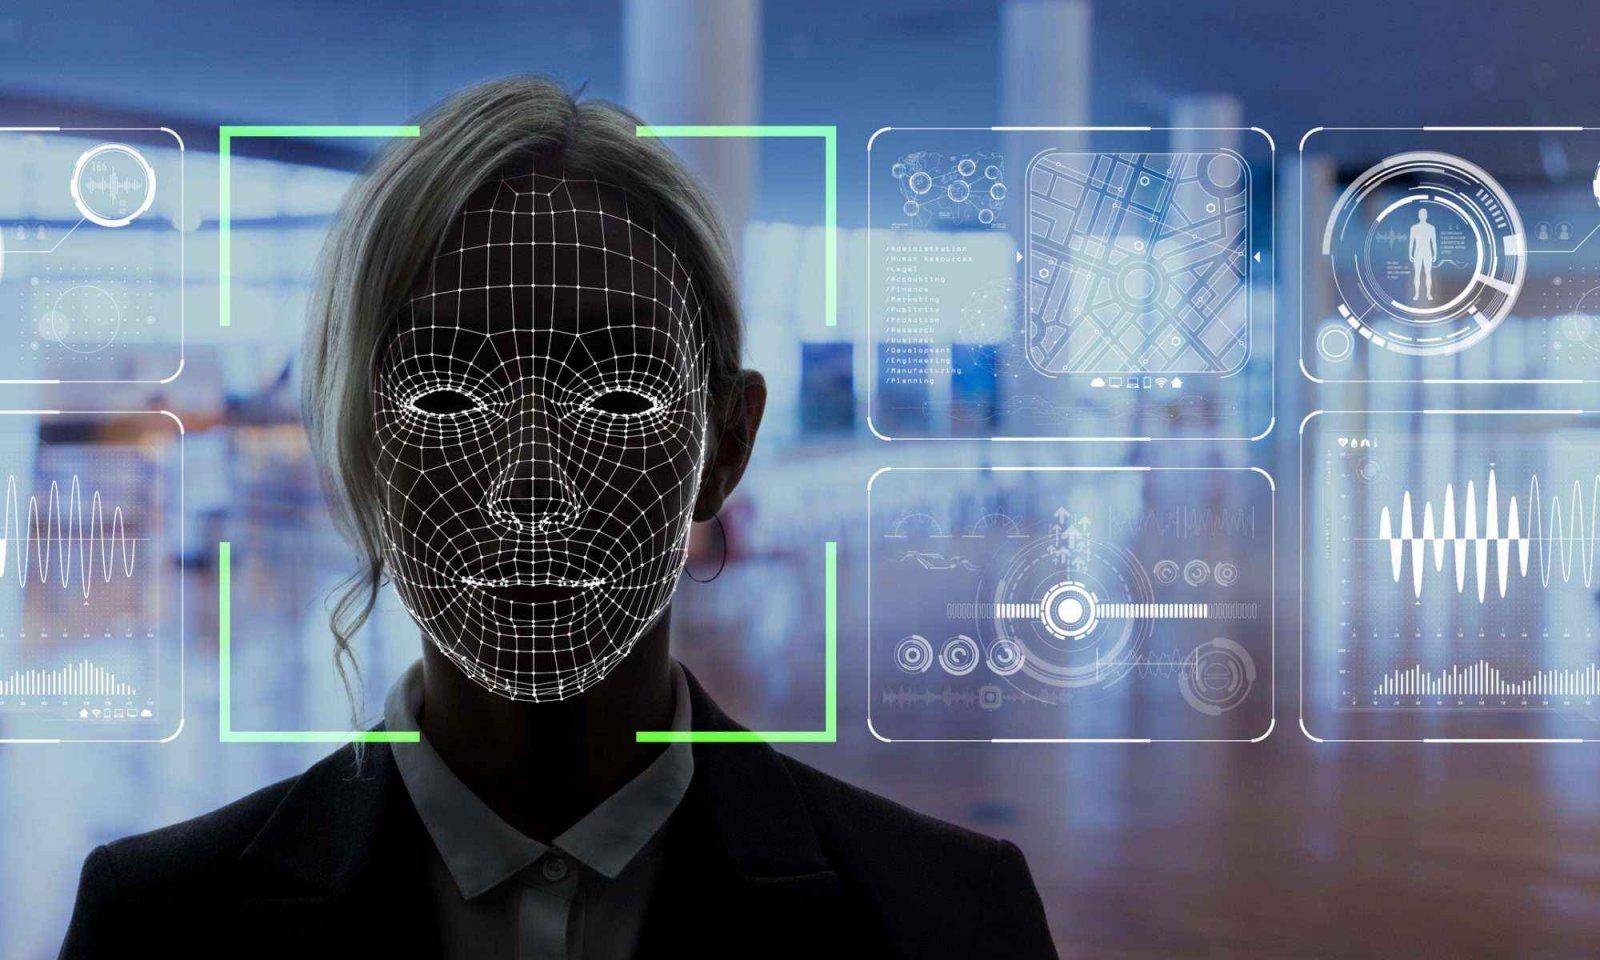 NtechLab заняла 2-е место на международном конкурсе по распознаванию действий с помощью ИИ